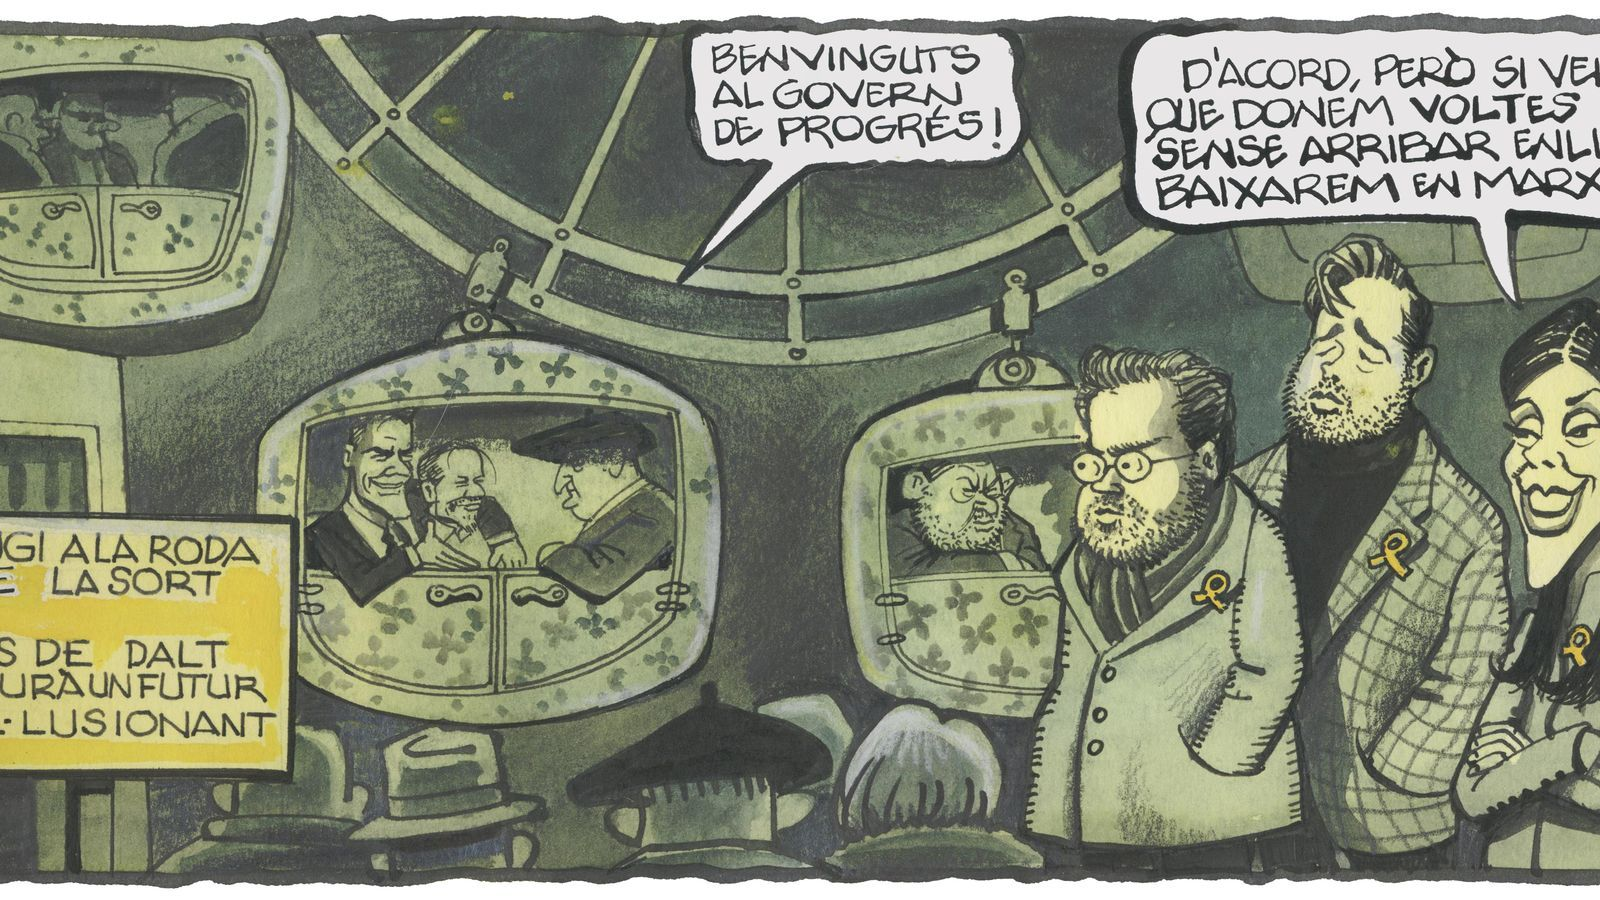 'A la contra', per Ferreres 08/01/2020